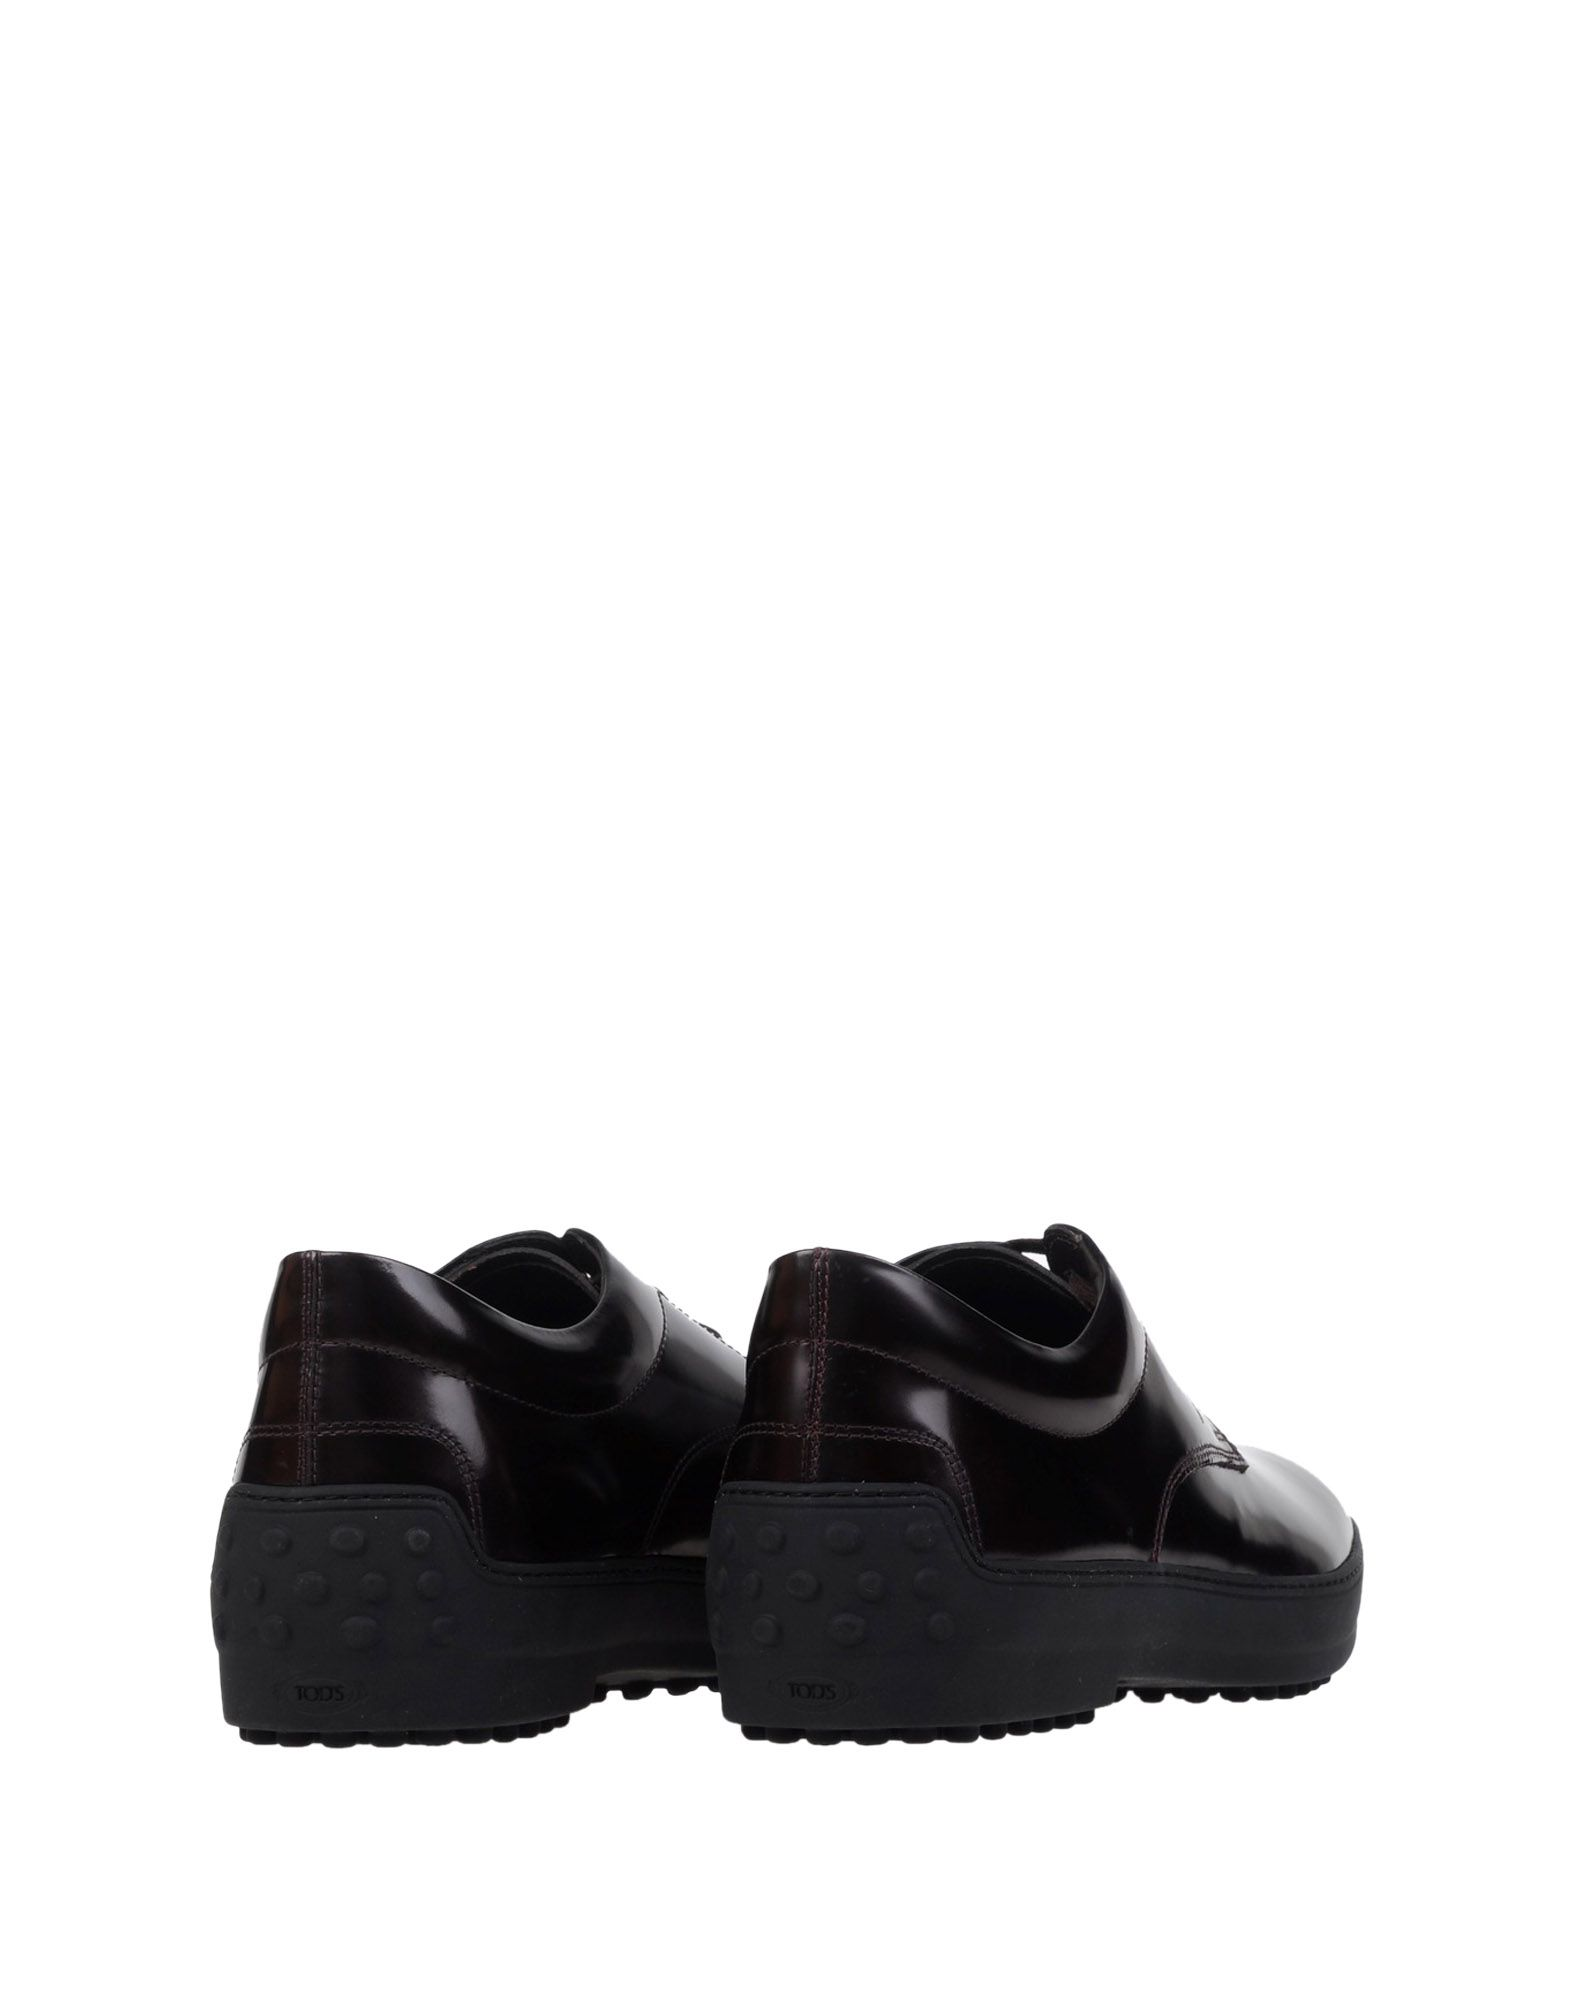 Tod's Schnürschuhe Gute Herren  11115984VG Gute Schnürschuhe Qualität beliebte Schuhe 3d147a